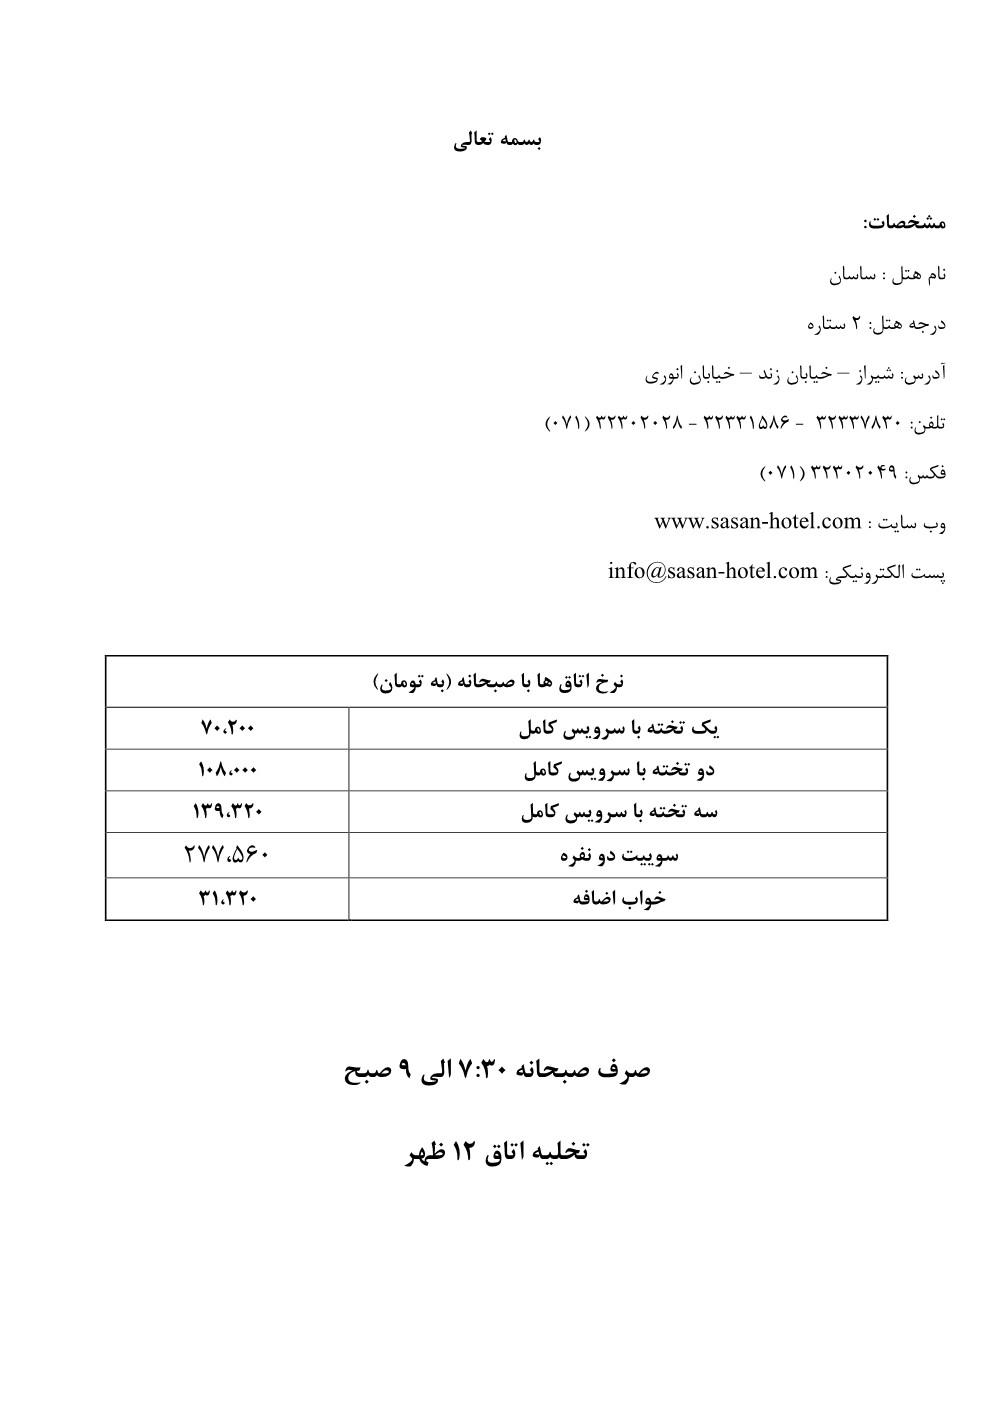 مشخصات هتل ساسان شیراز1 (2)